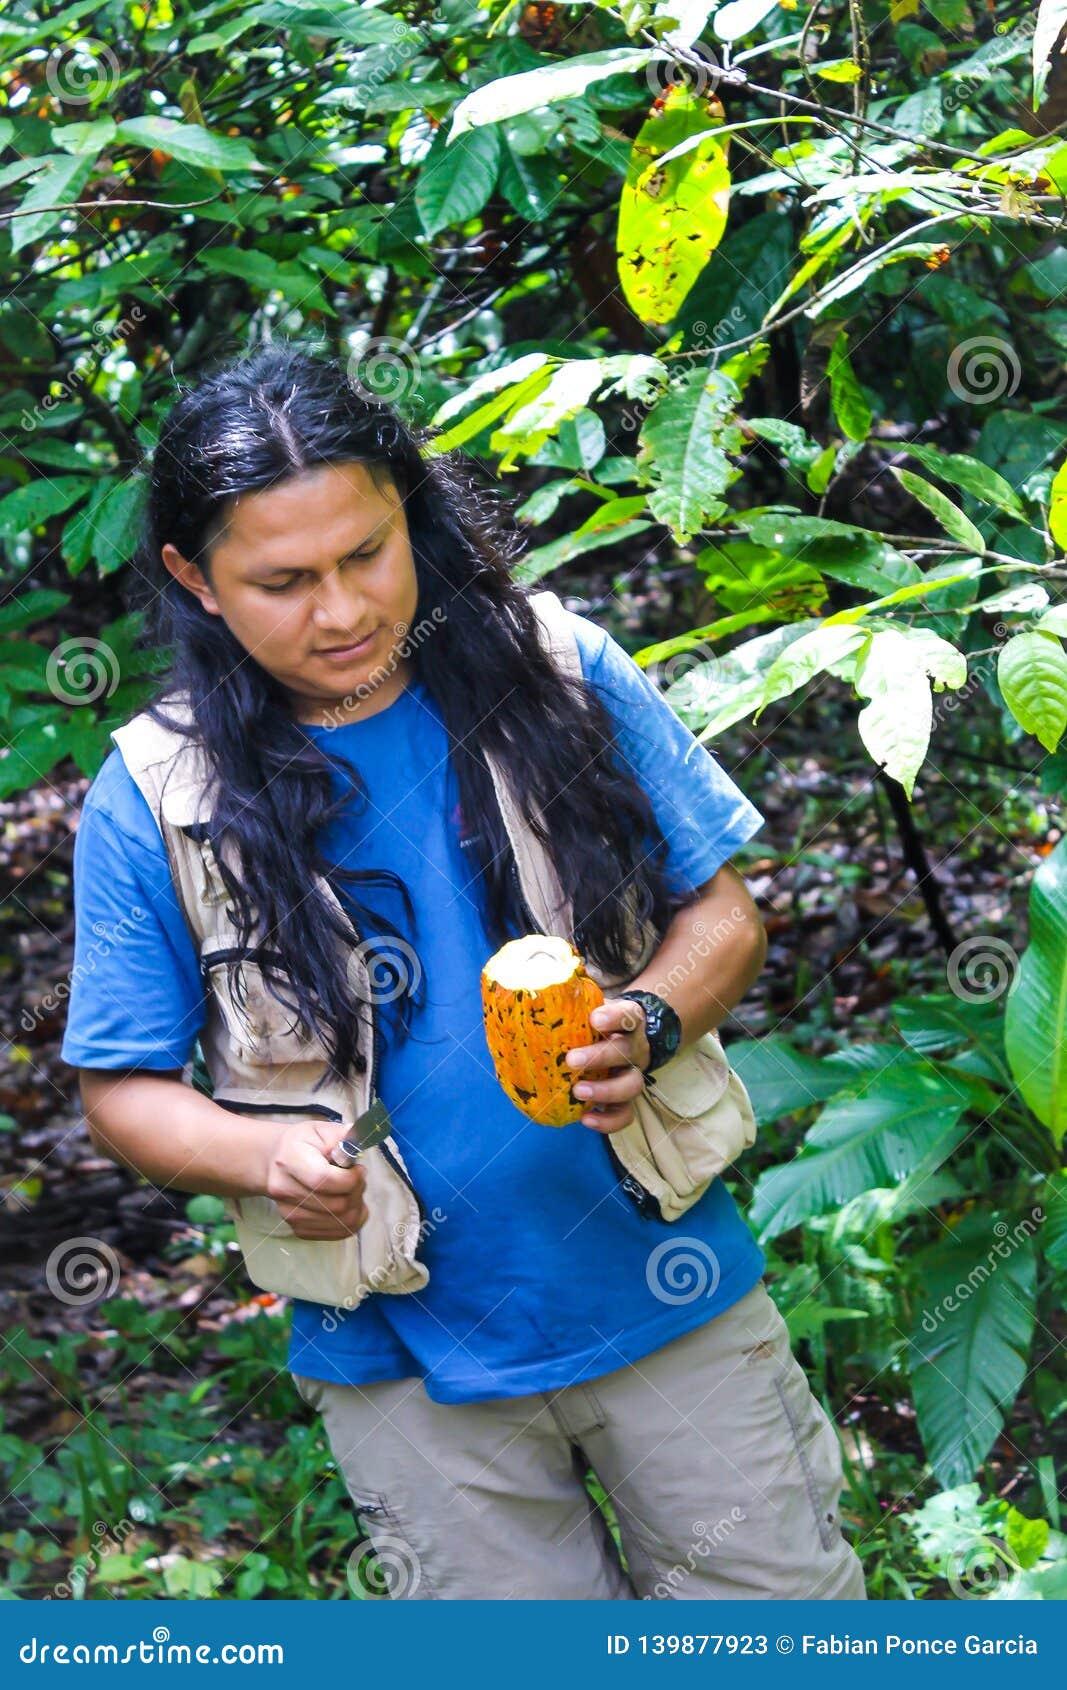 Native guide of Ecuador opening a cocoa